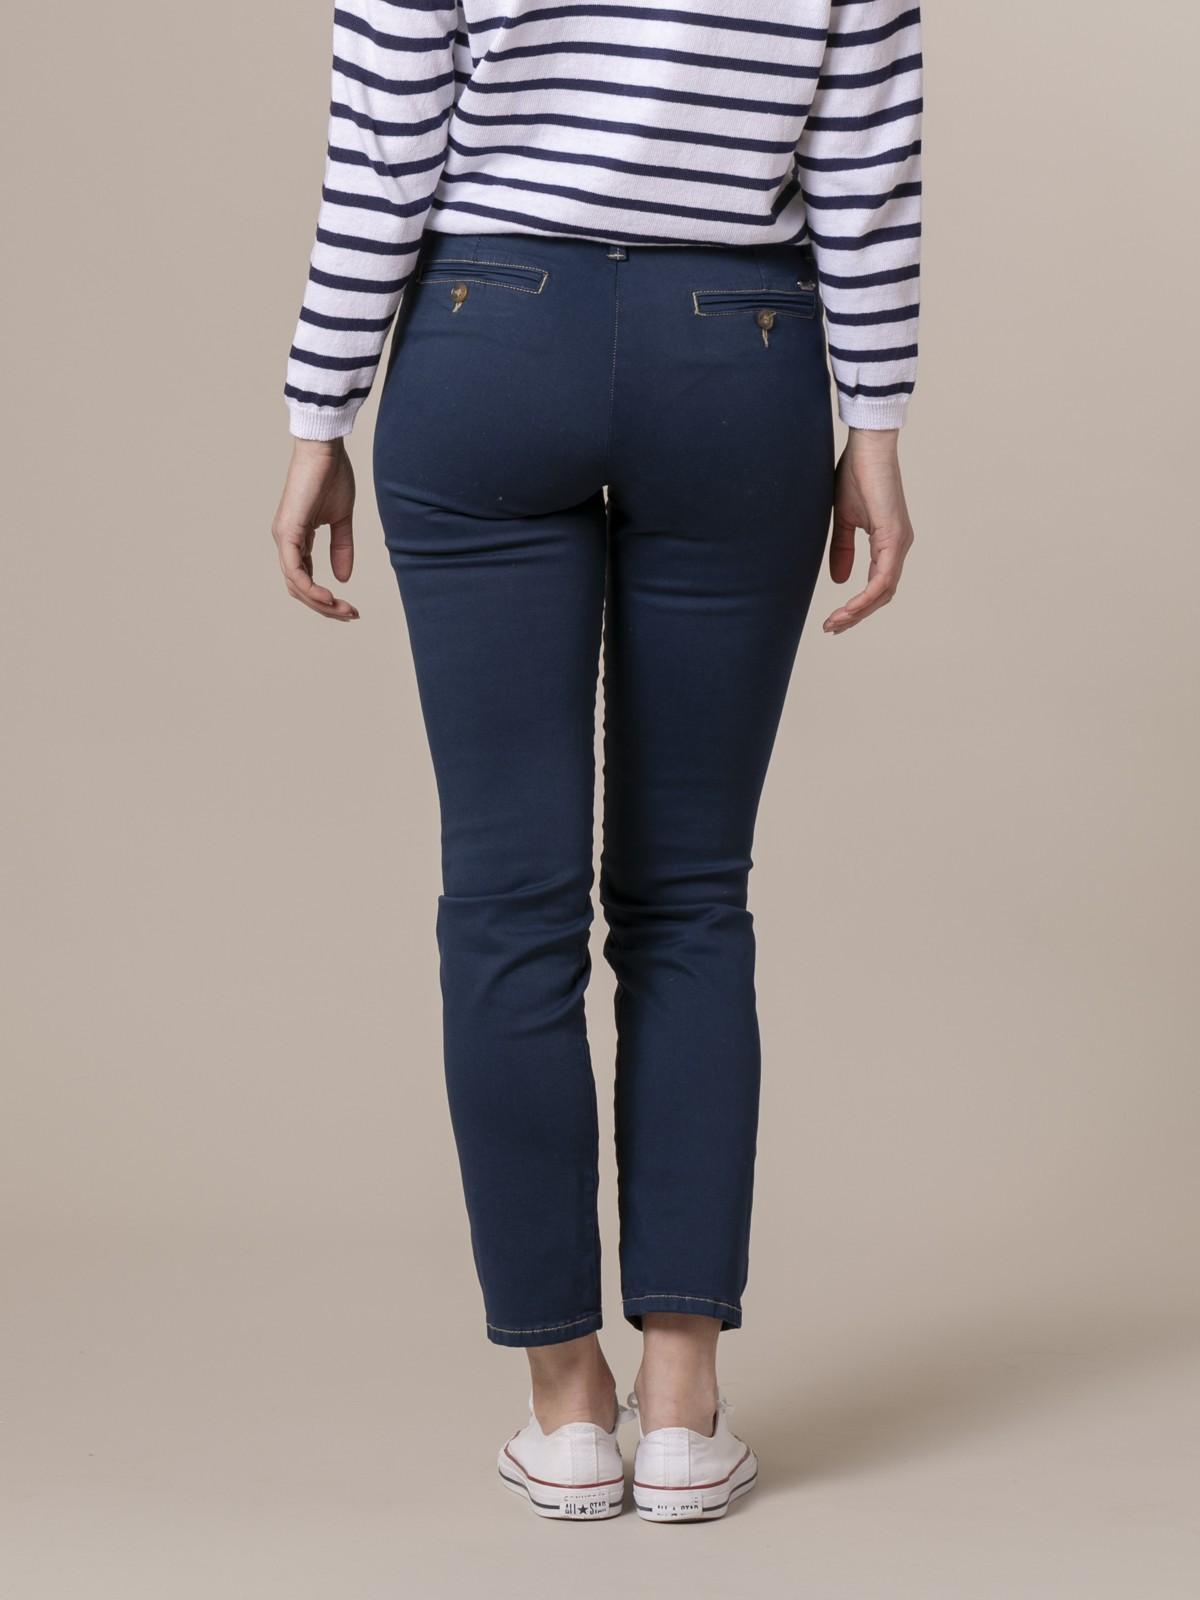 Pantalón chino algodón elastico Azul Marino